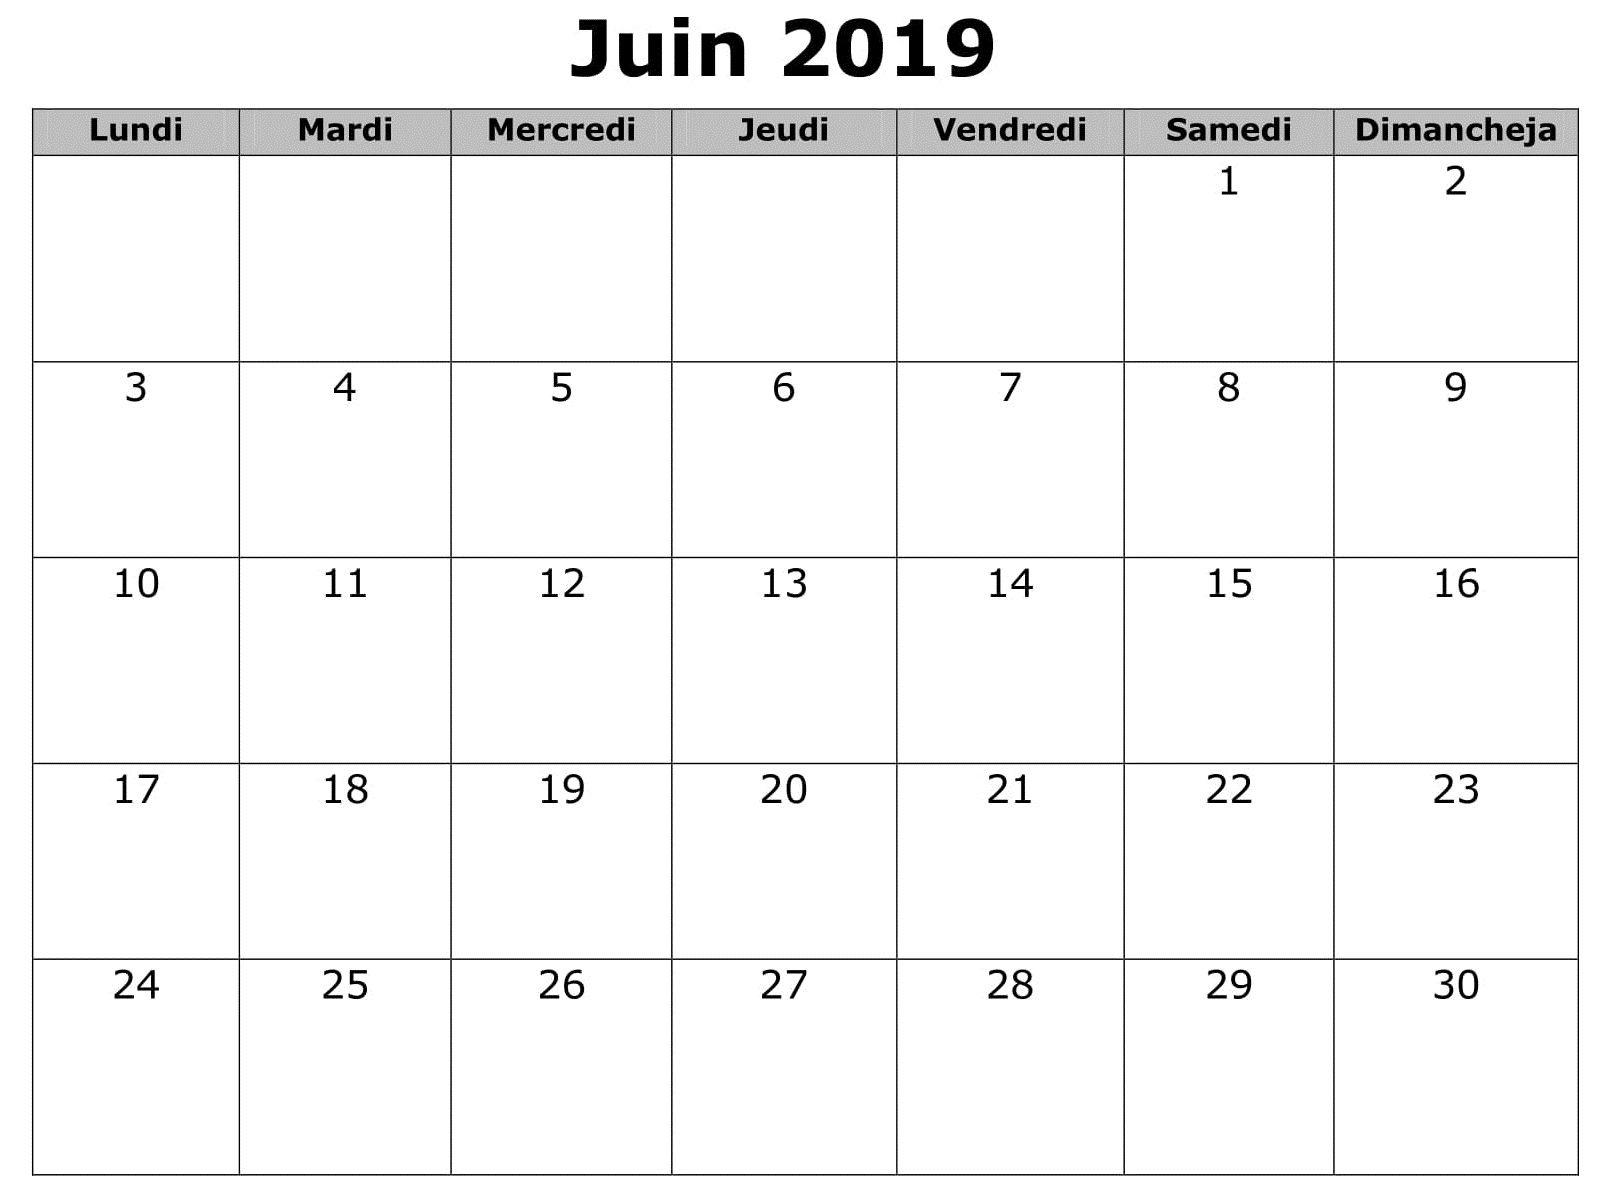 Template Calendrier 2019.Juin Calendrier 2019 Word 2019 Calendar Calendar June